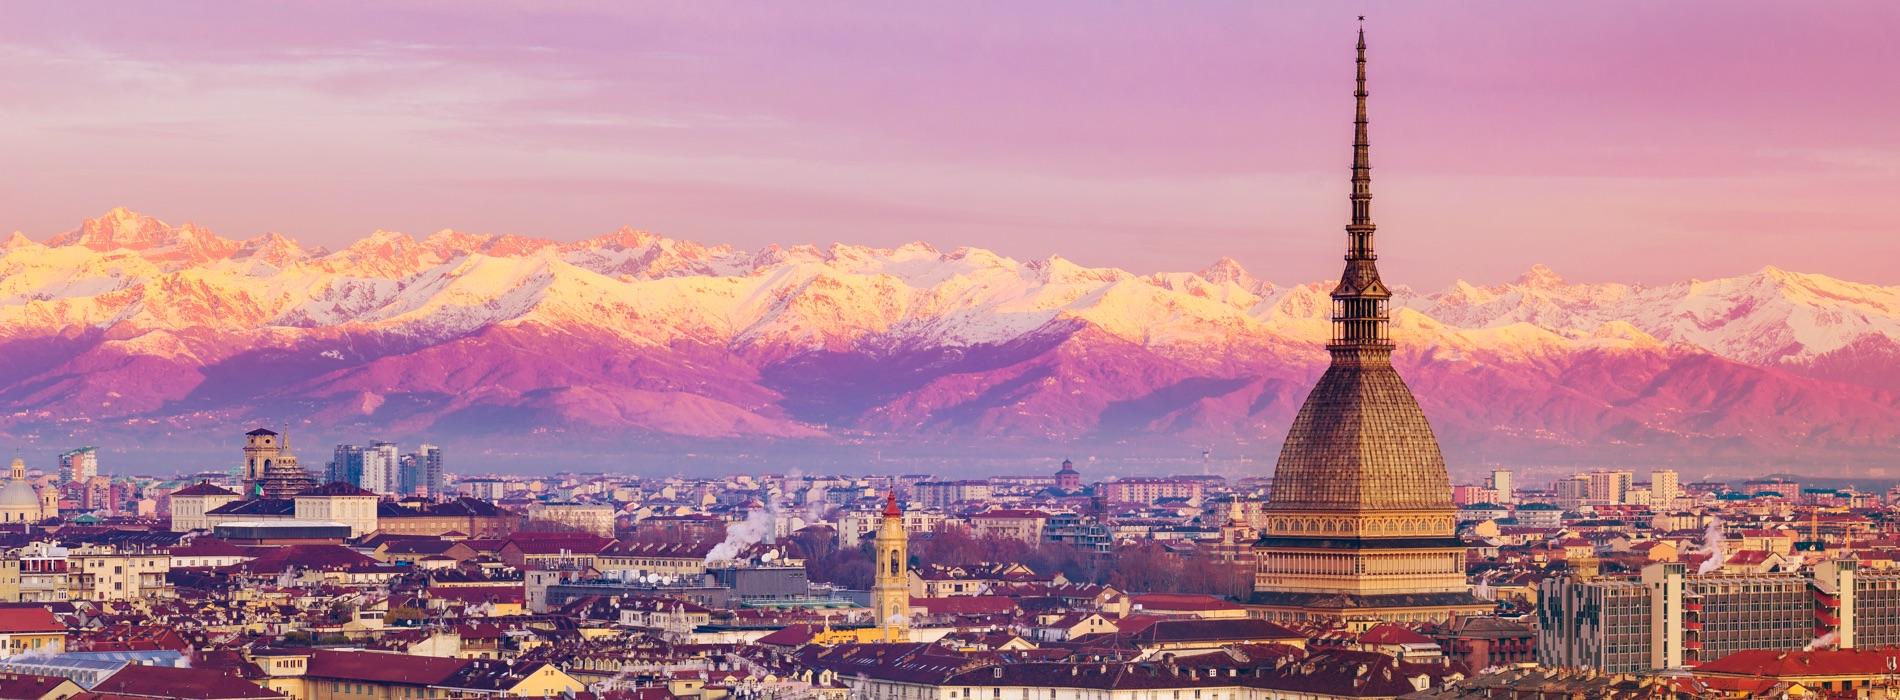 Авиабилеты Санкт-Петербург — Турин, купить билеты на самолет туда и обратно